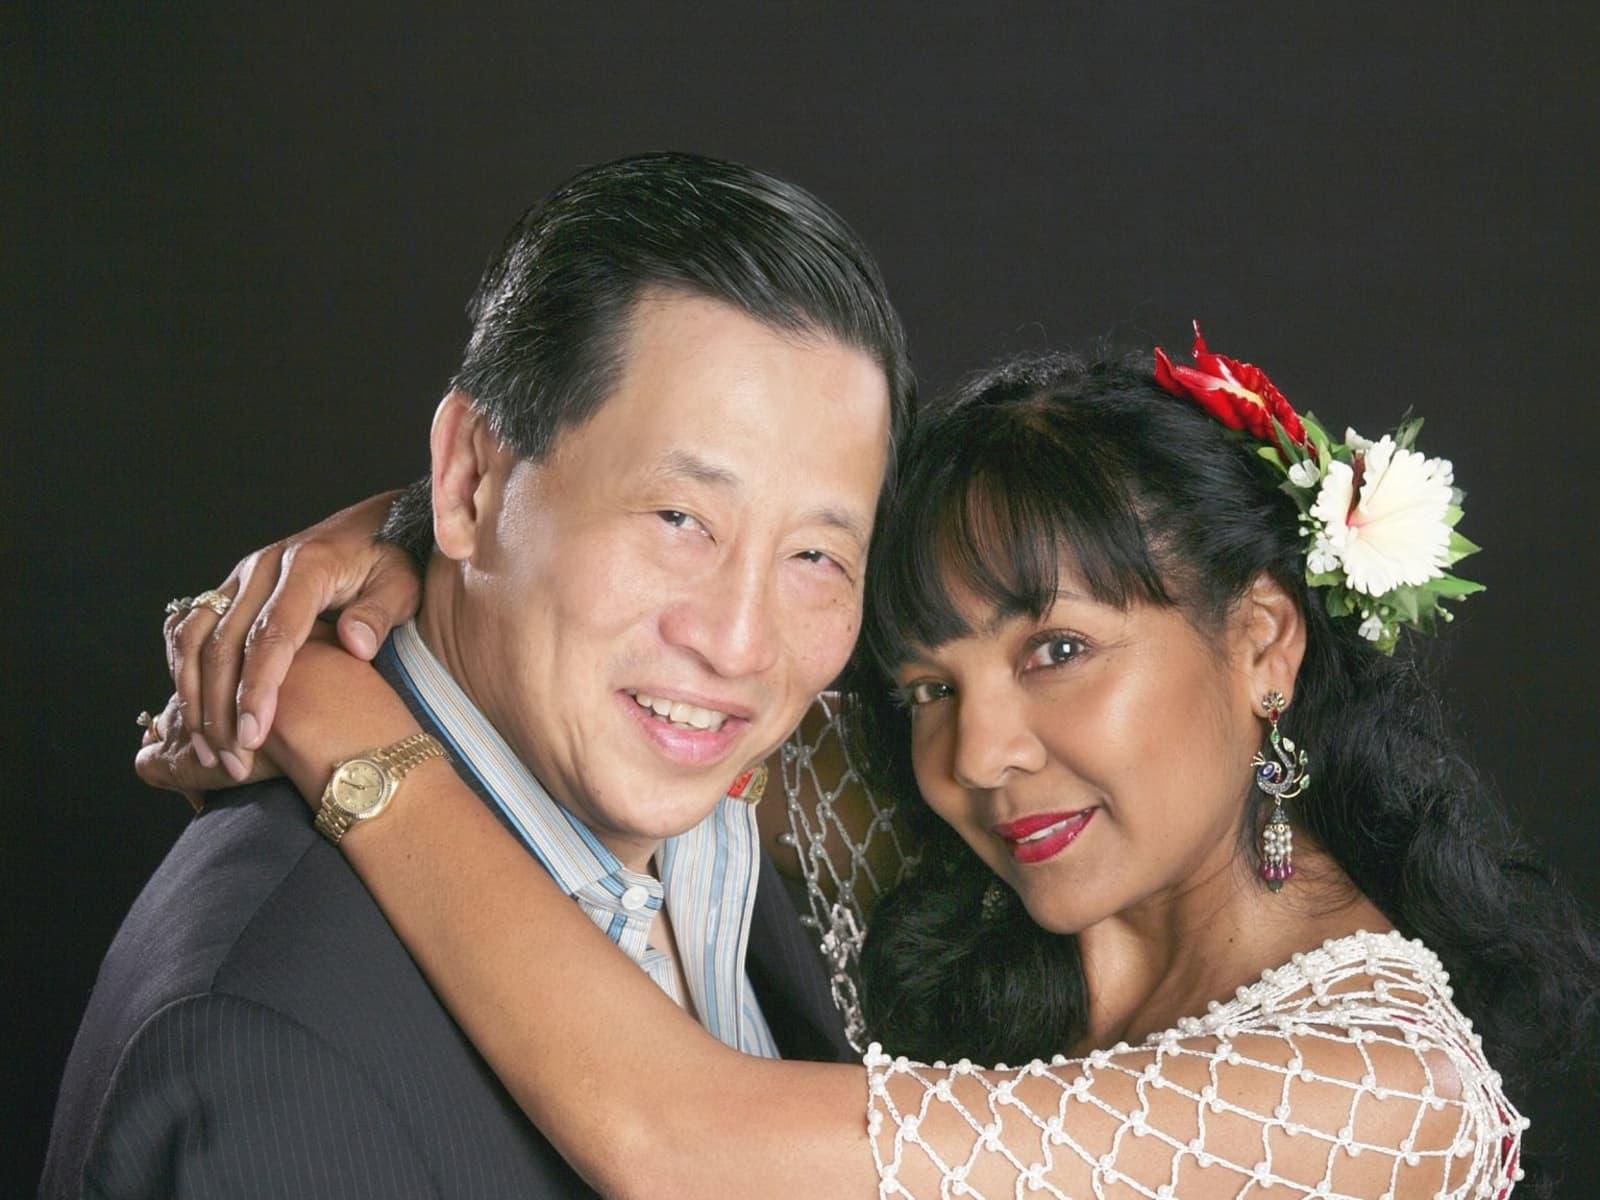 Chiemi & Eugene from Seattle, Washington, United States